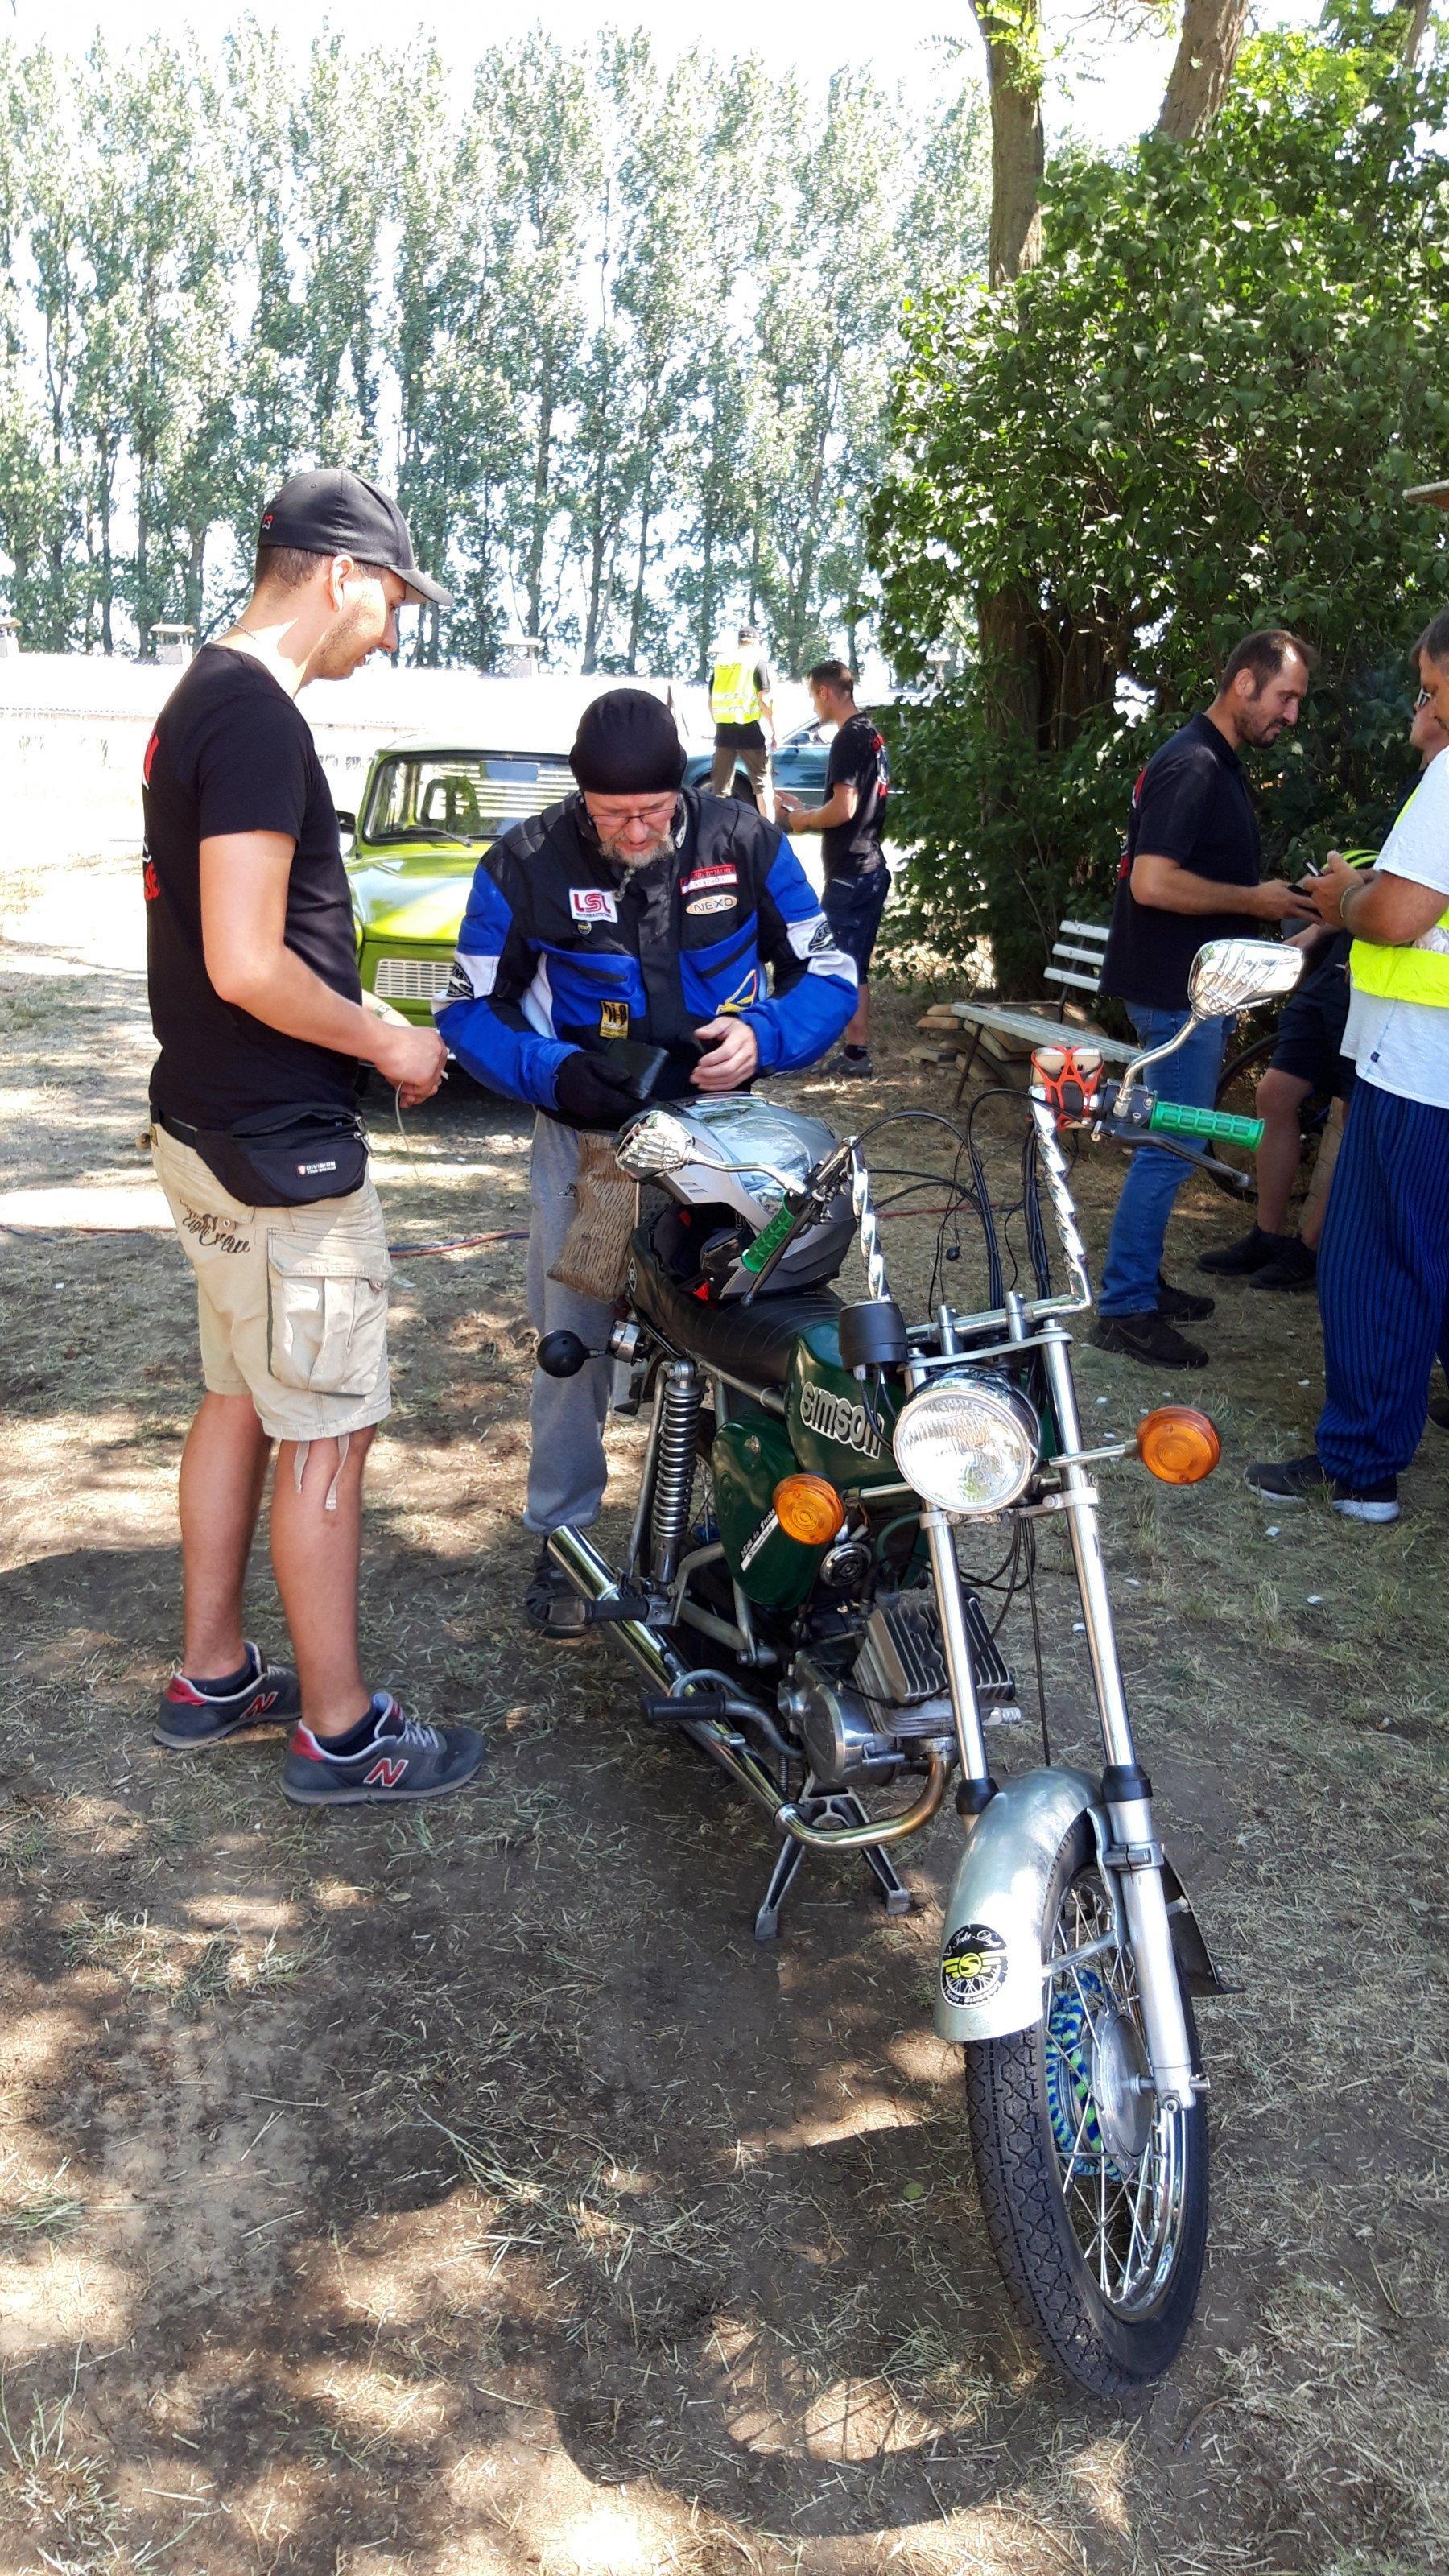 Ein Baseballbemützter kassiert von einem Motorradfahrer das Eintrittsgeld.